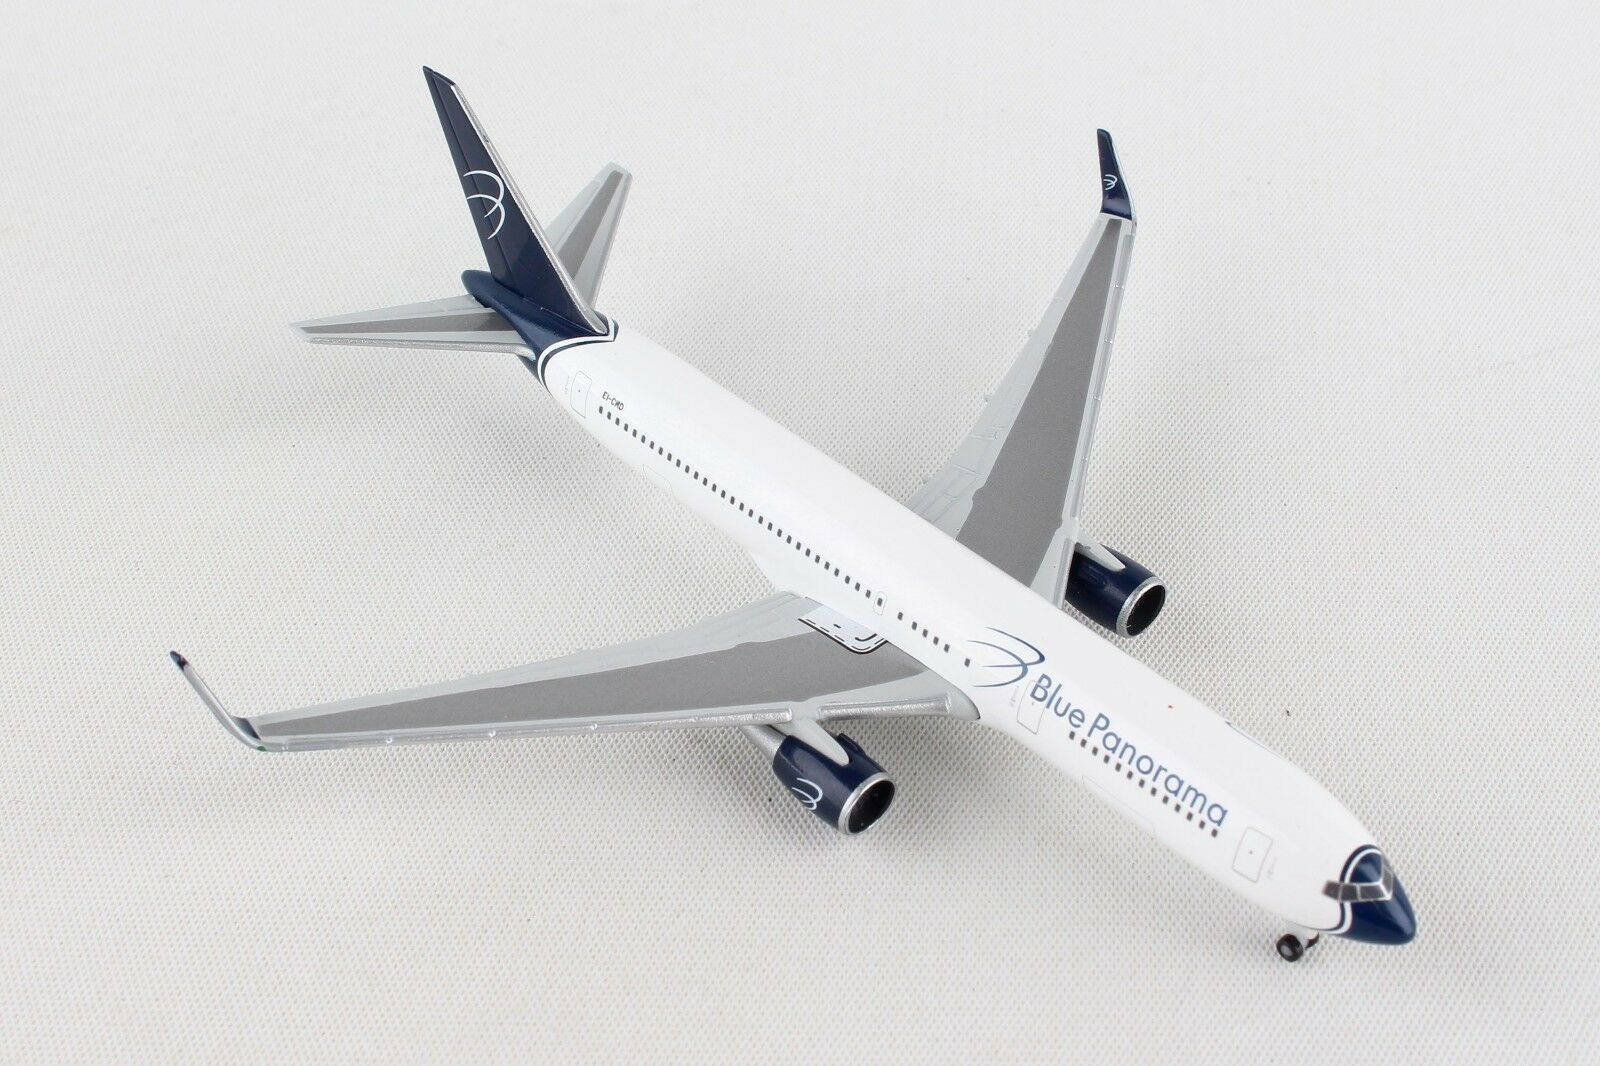 70% de descuento HE531559 HERPA WINGS azul PANORAMA BOEING 767-300 767-300 767-300 1 500 DIE-CAST MODEL AIRPLANE  barato en línea